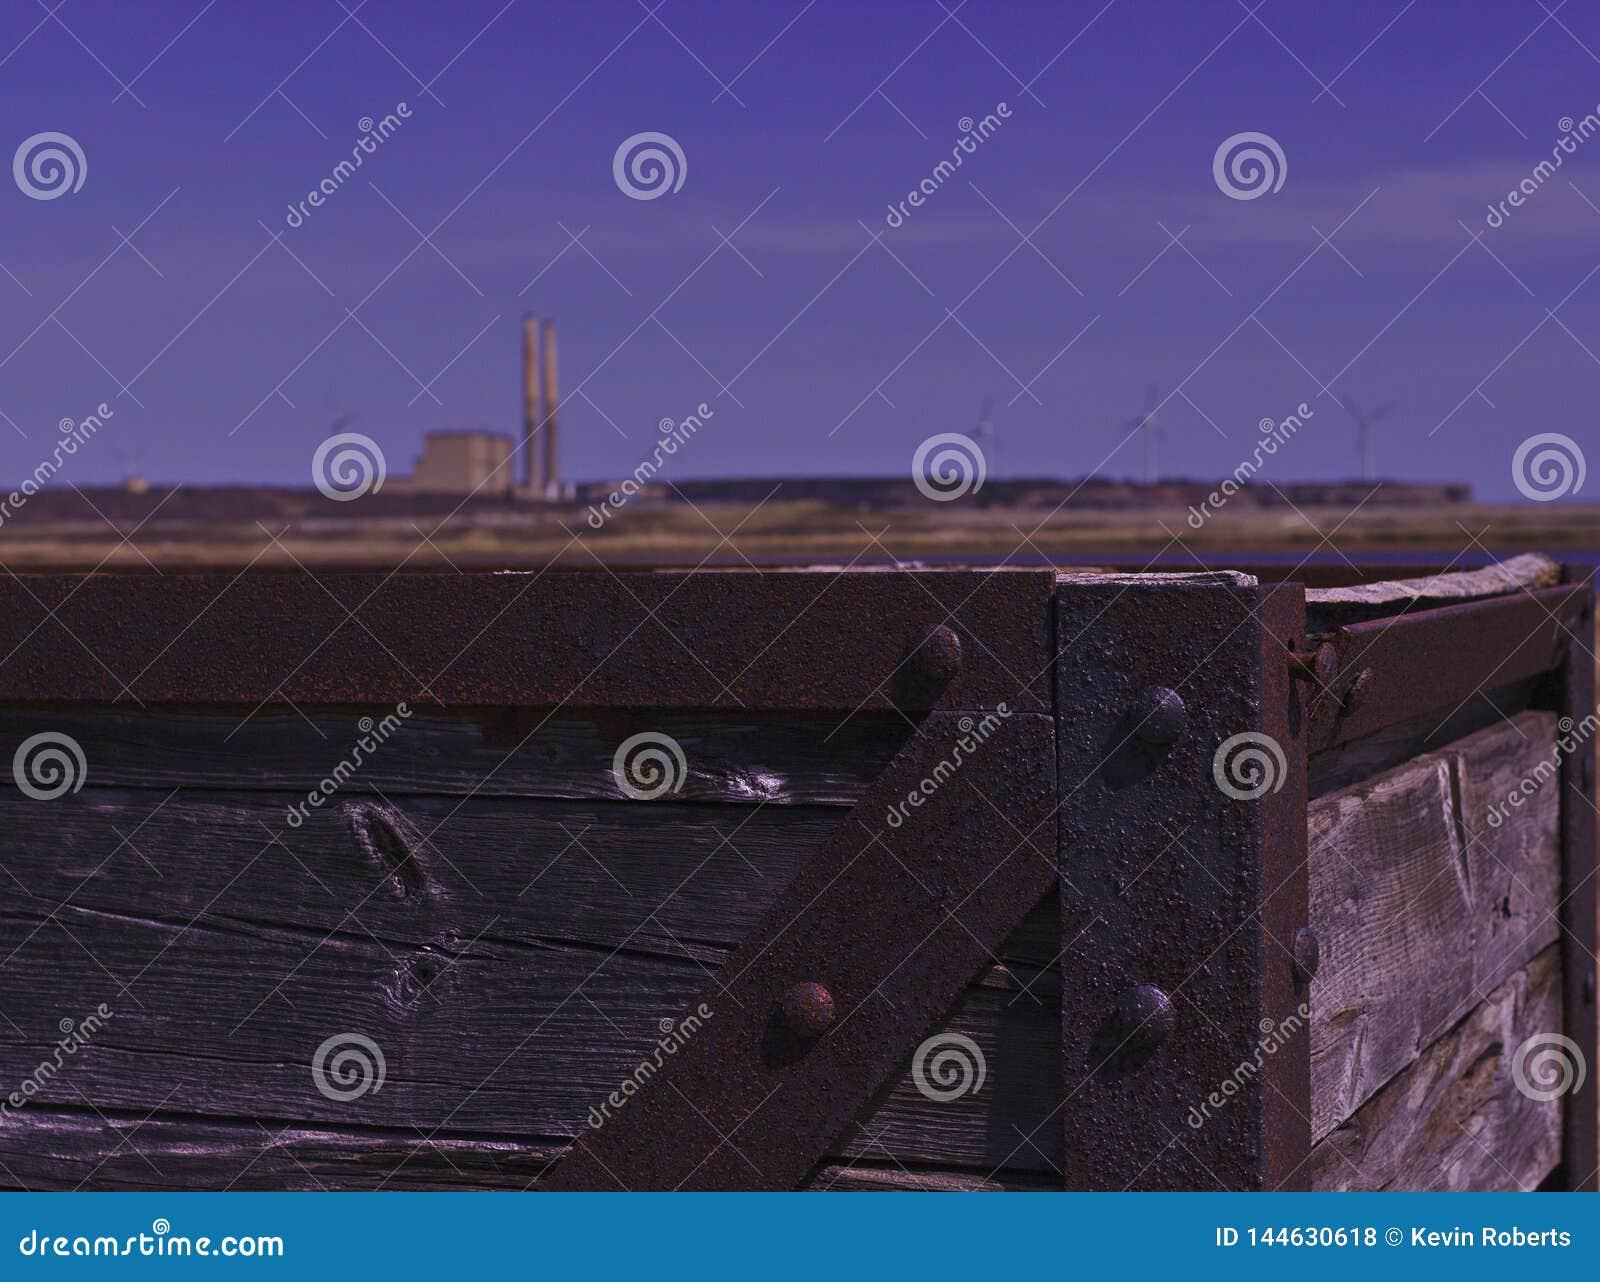 Rusting coal mine pit tub 3484